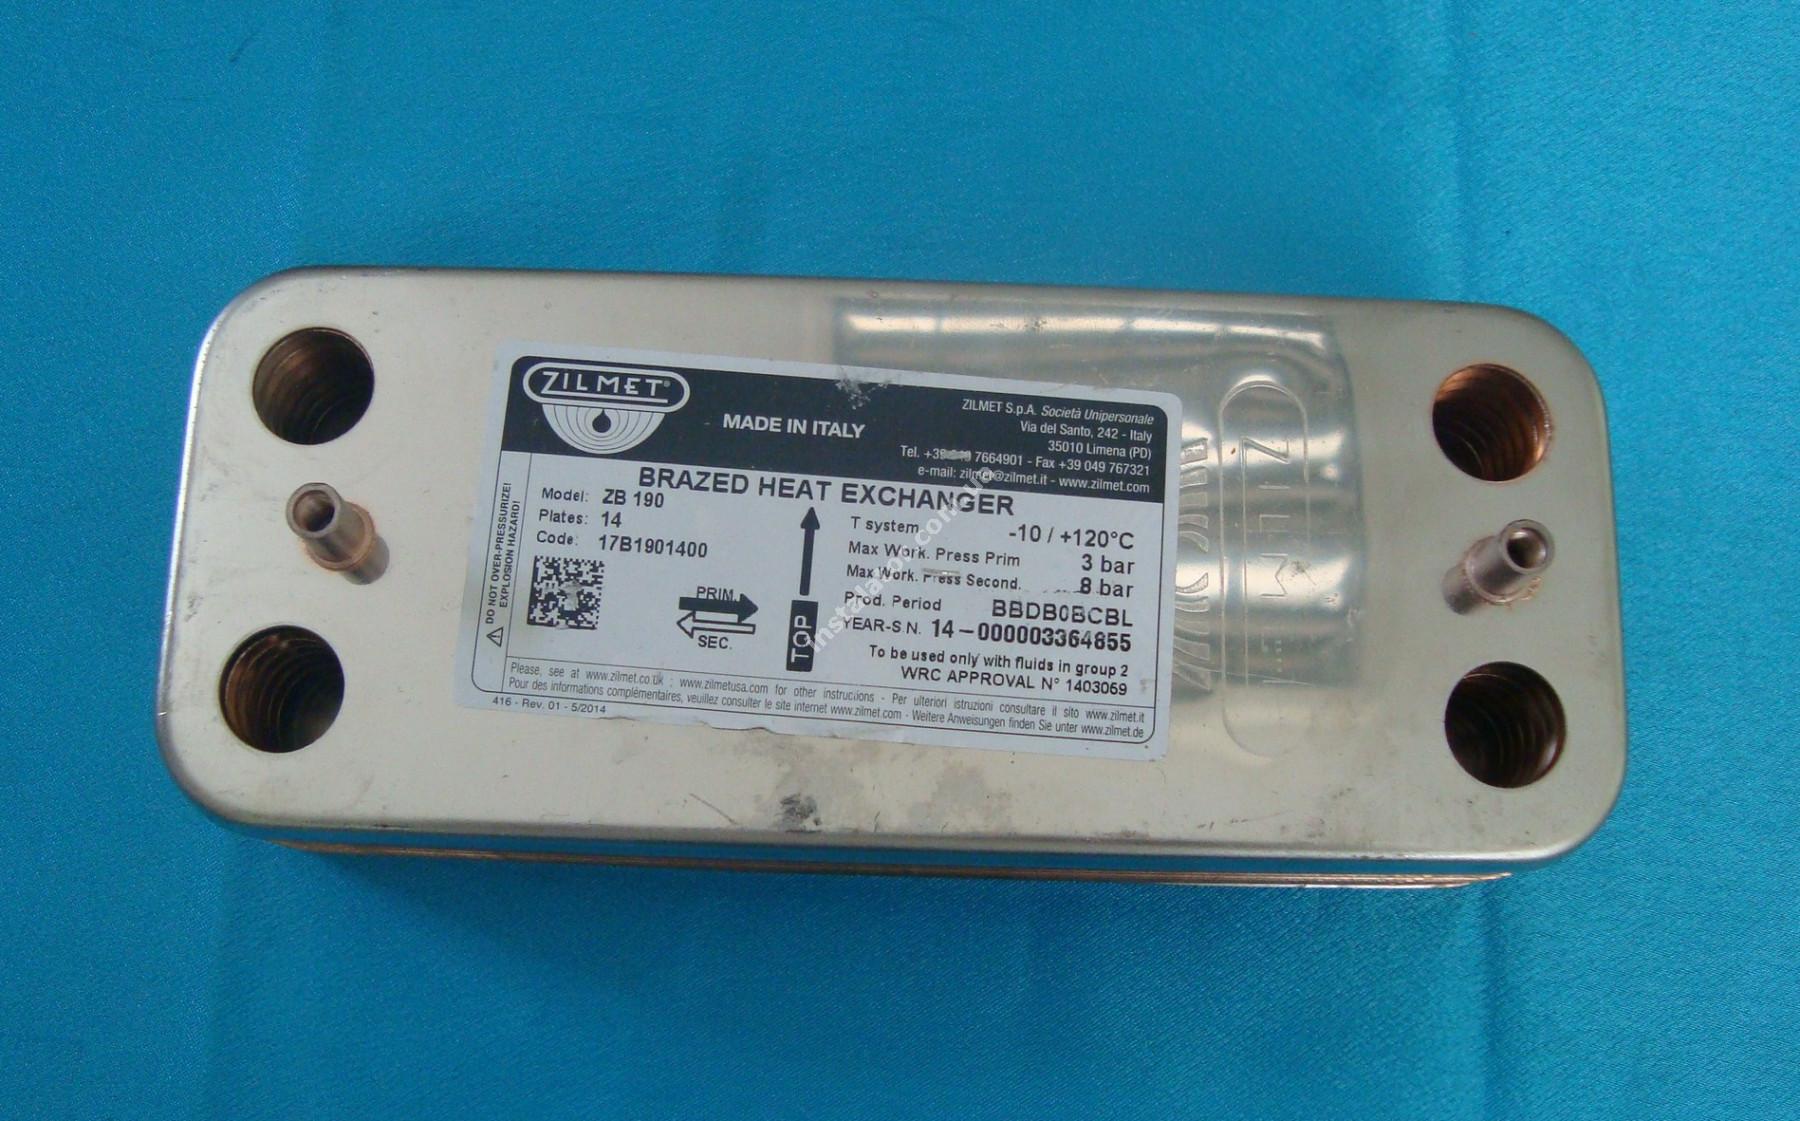 17B1901400 Теплообмінник вторинний ГВП 14 пластин ZILMET full-image-0